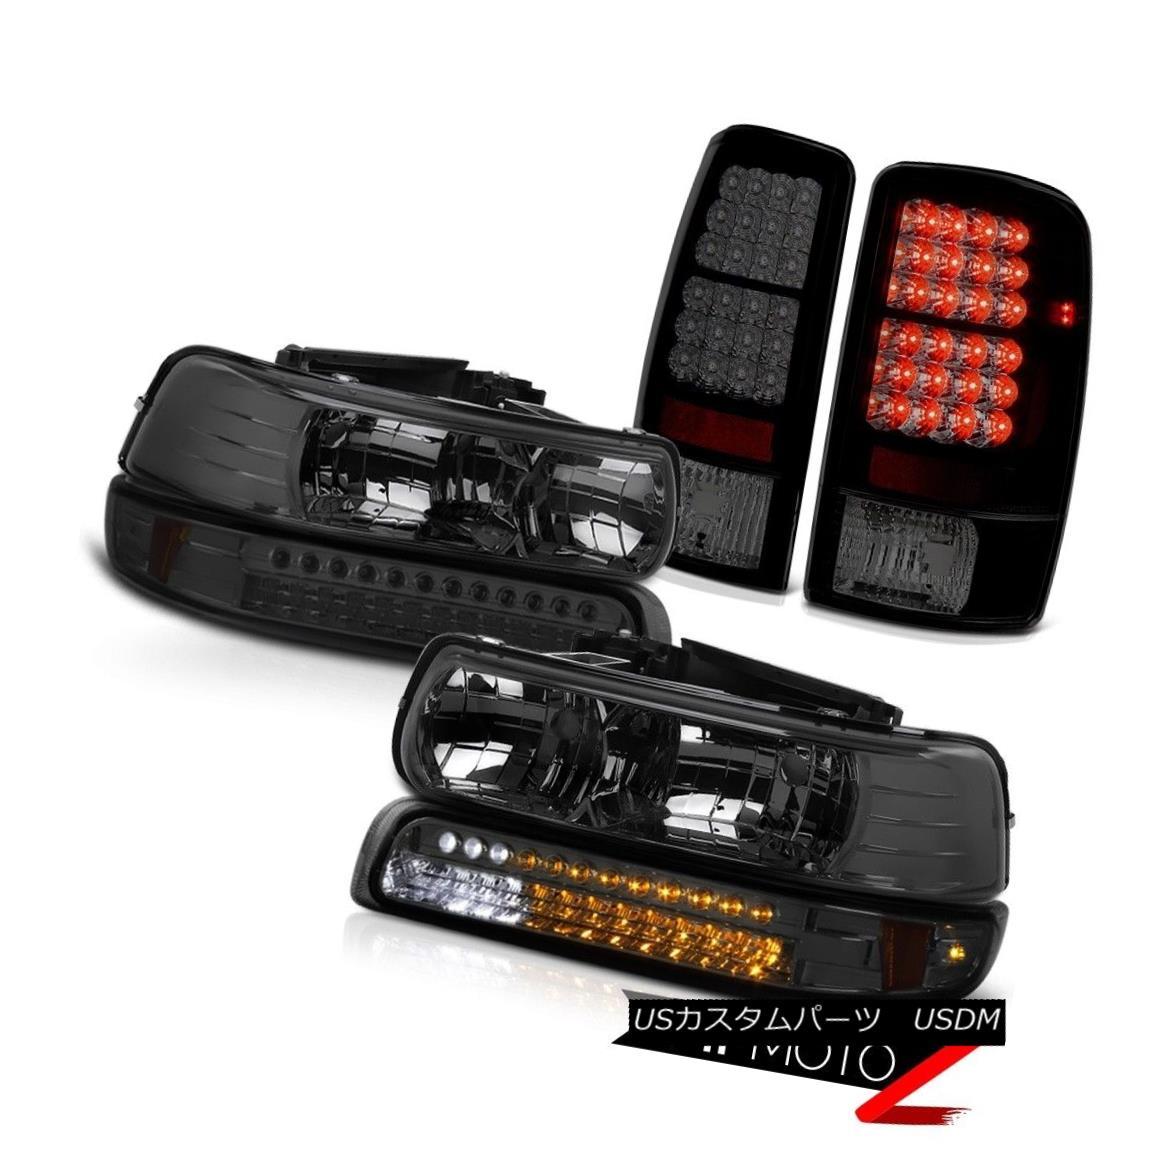 ヘッドライト Headlamp Tinted Bumper LED Tail Lights Lamps 00 01 02 03 04 05 06 Suburban 2500 ヘッドランプ着色バンパーLEDテールライトランプ00 01 02 03 04 05 06郊外2500